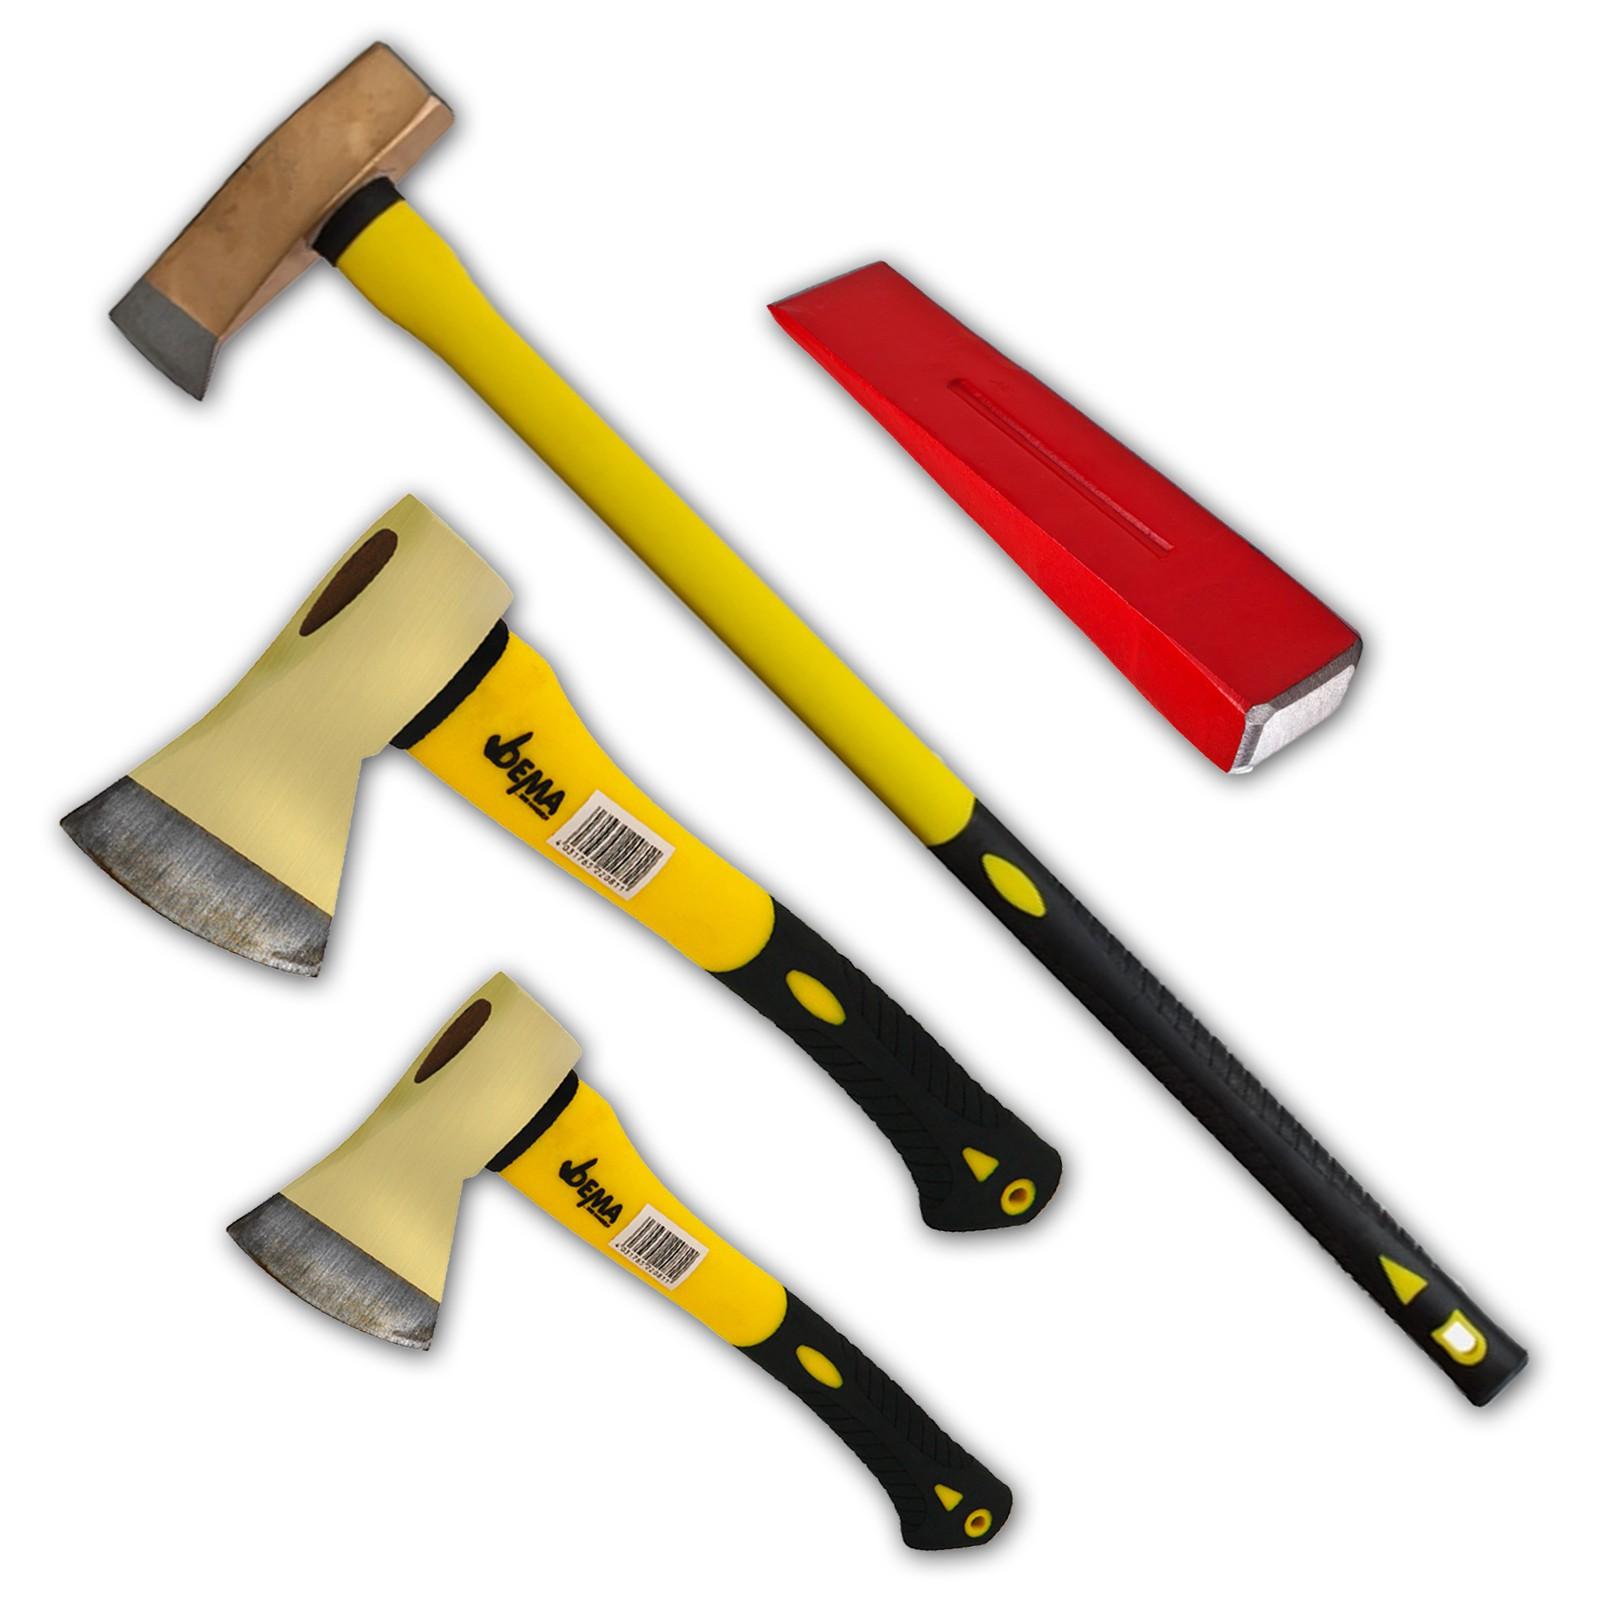 Dema 4er Axt-Set Spaltaxt / Spaltbeil / Spalthammer / Spaltkeil Dema-Axt-Set